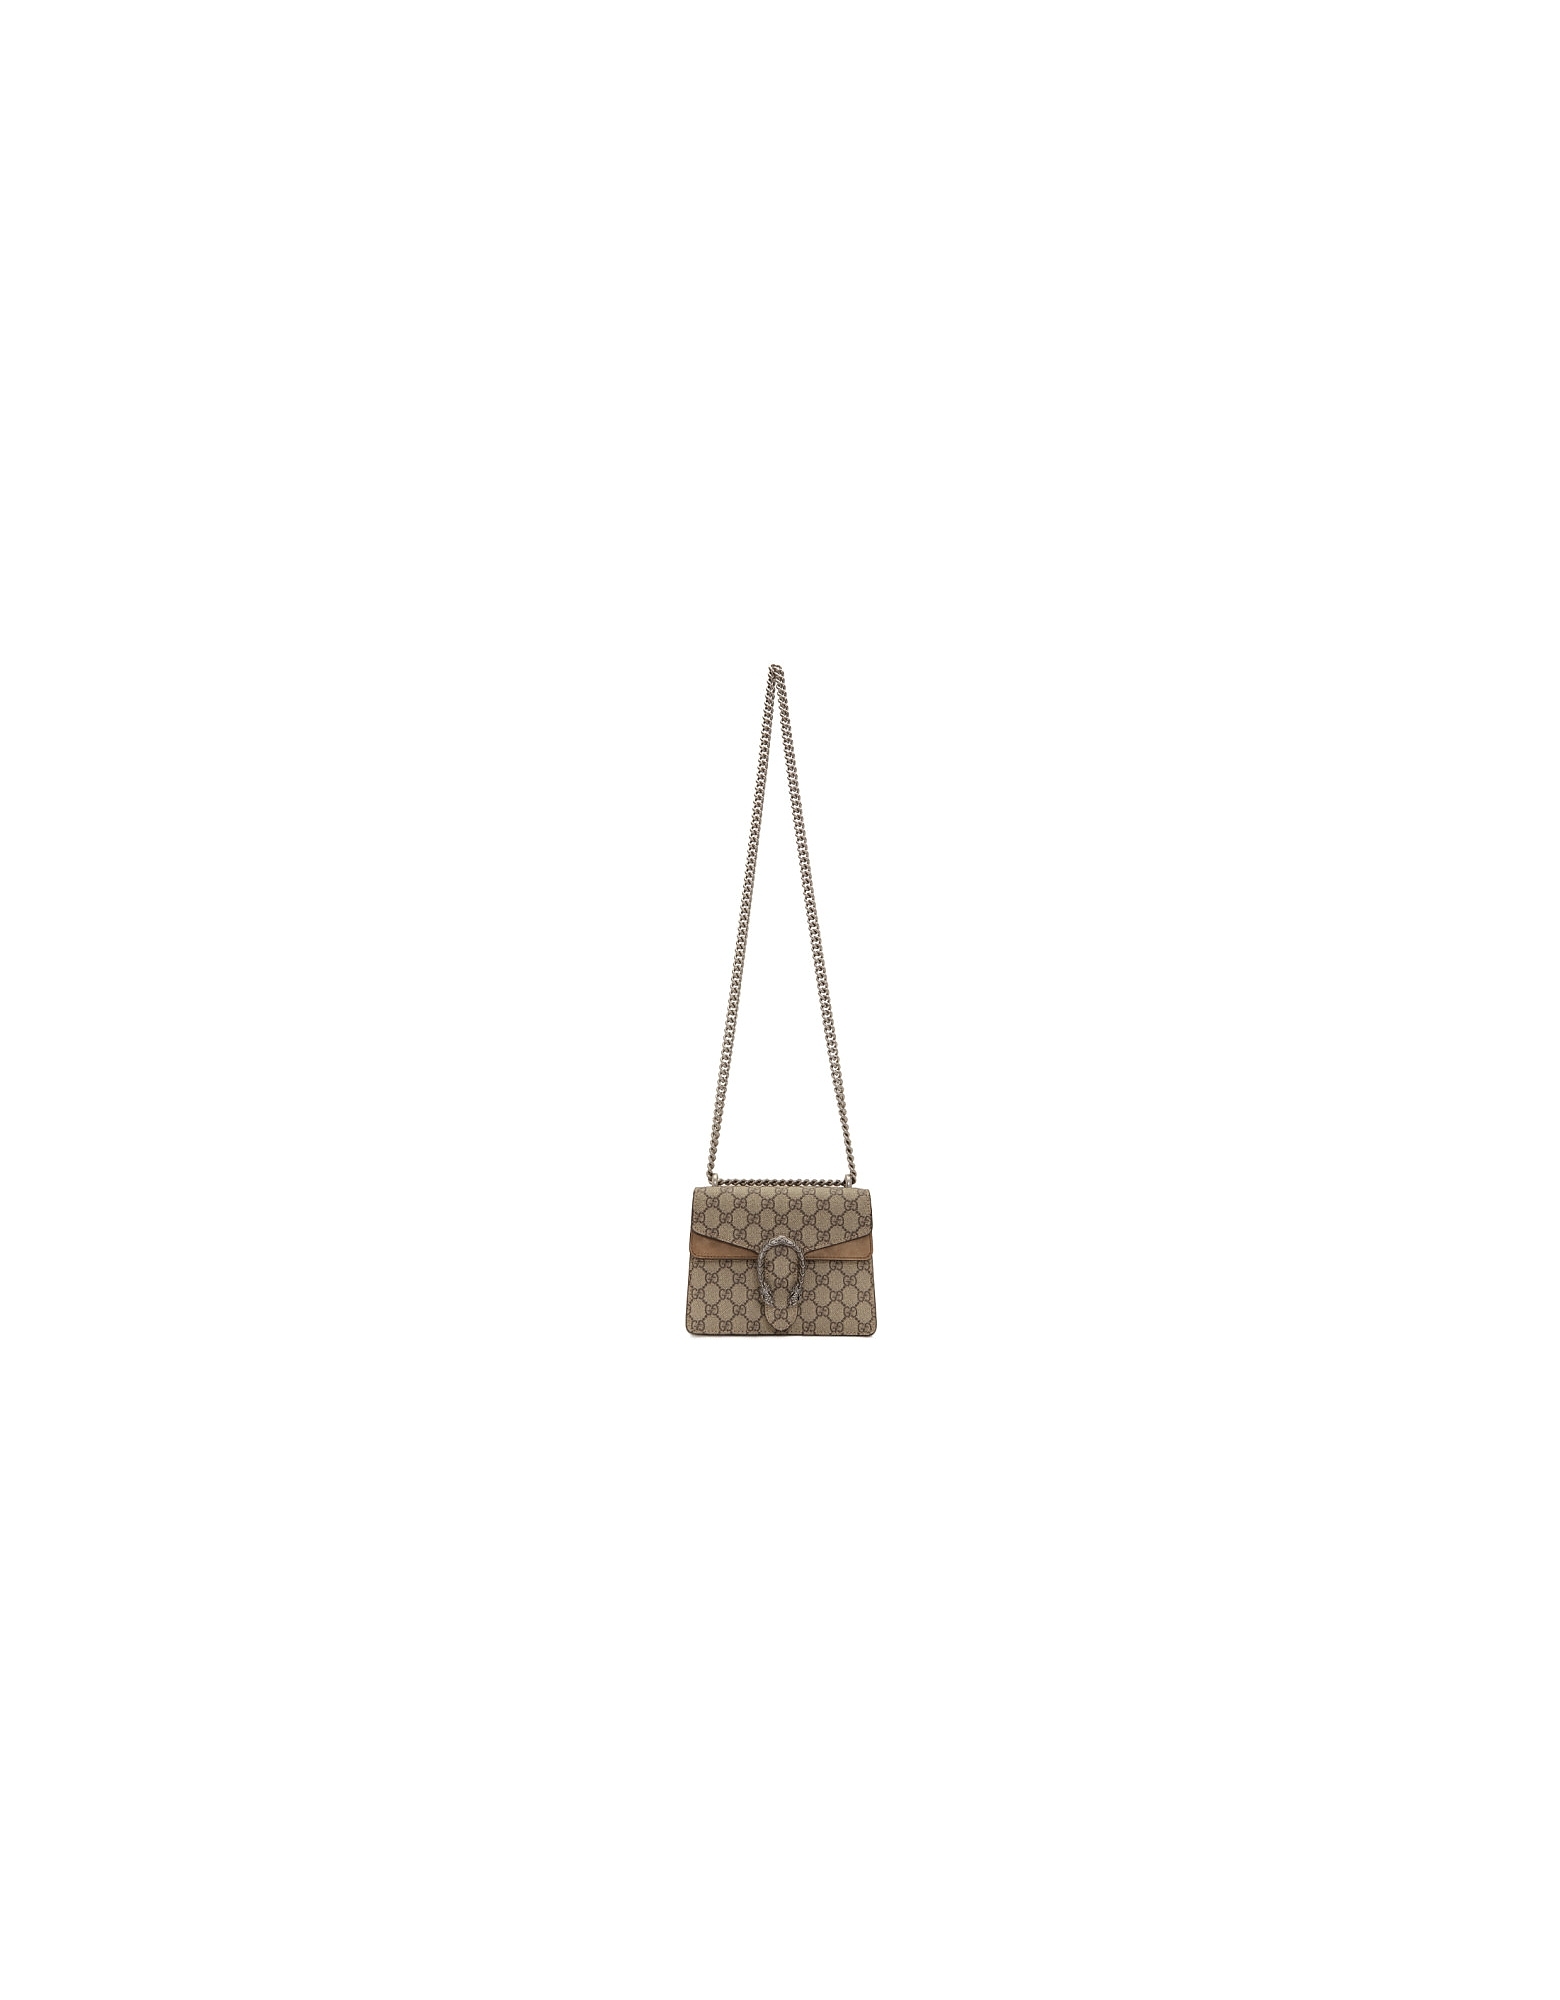 Gucci Designer Handbags, Beige GG Supreme Mini Dionysus Shoulder Bag